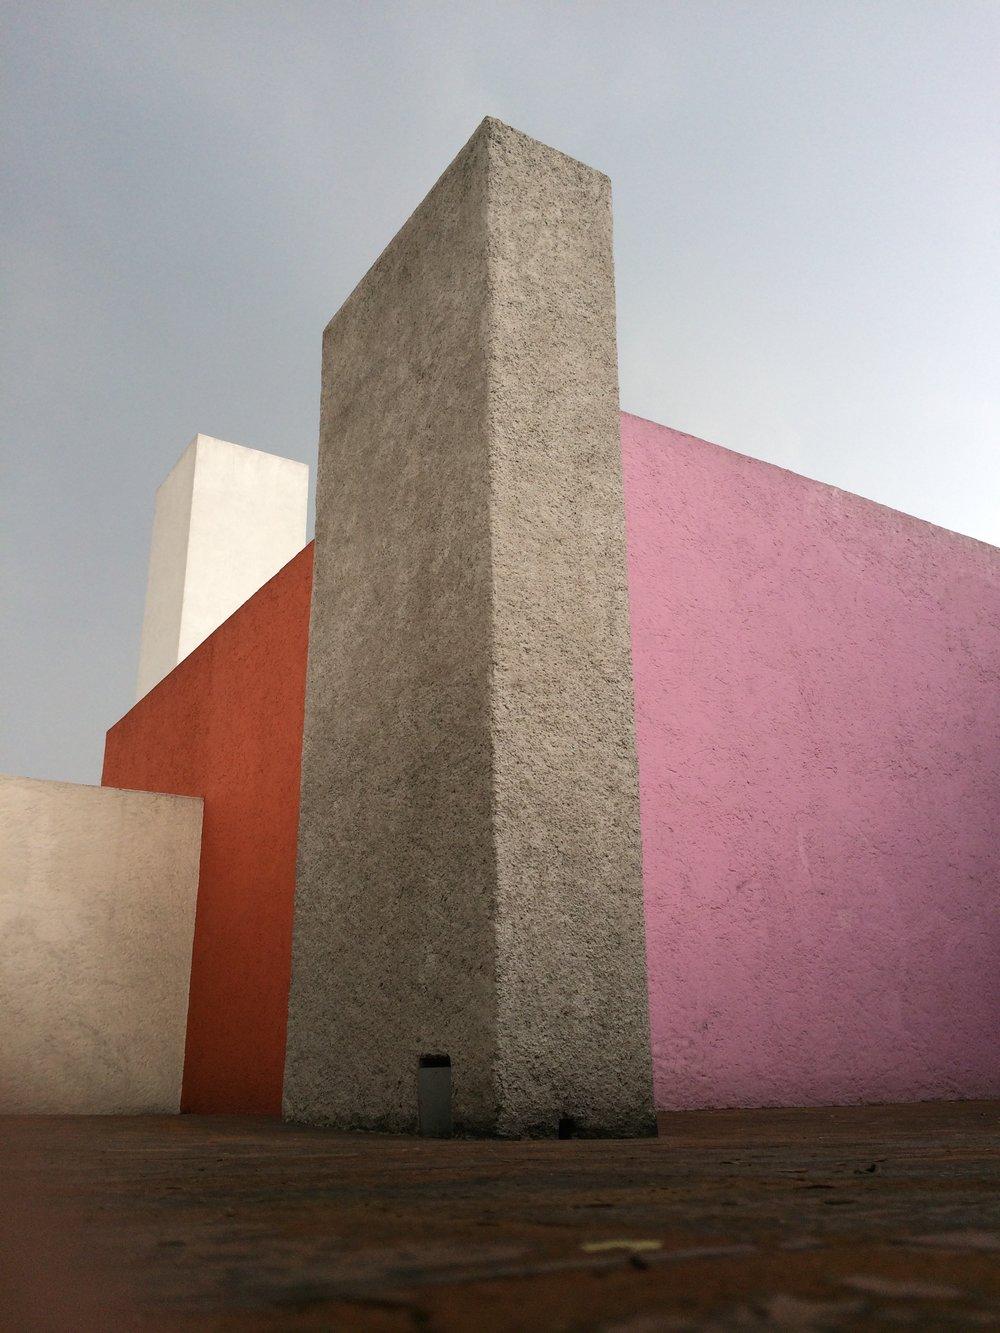 Casa Luis Barragan, Mexico City, Mexico